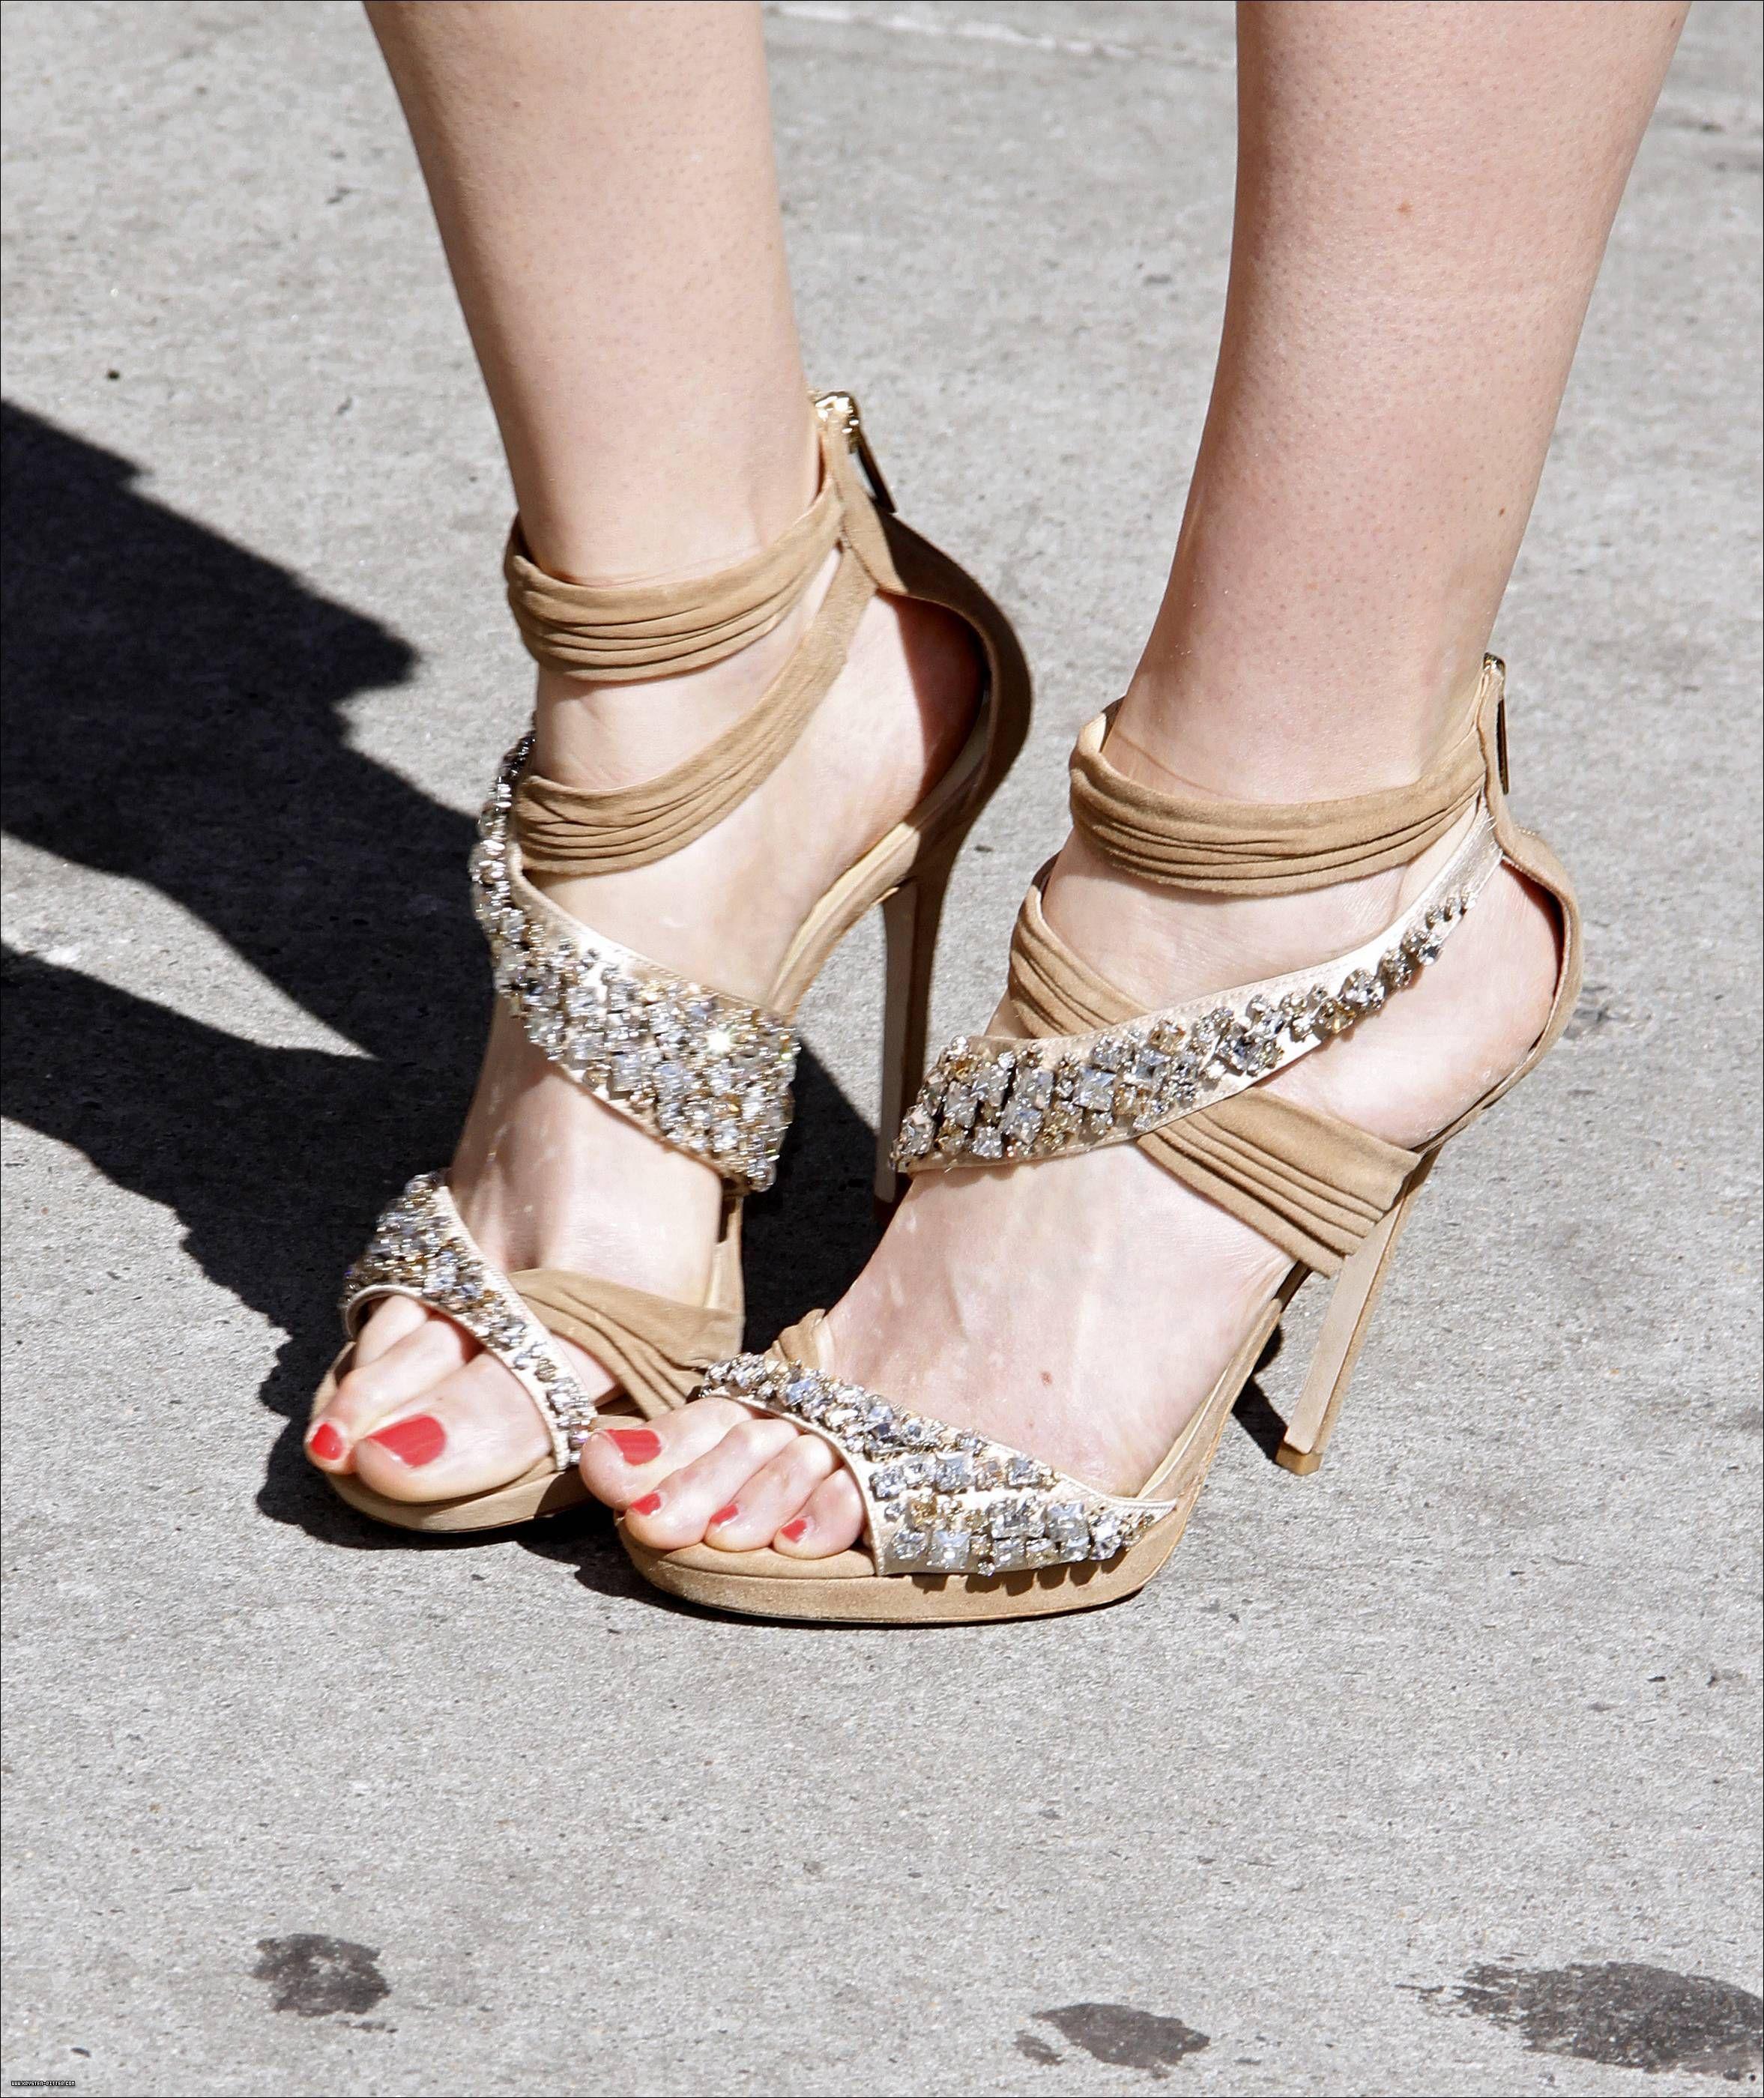 Feet Kristen Ritter